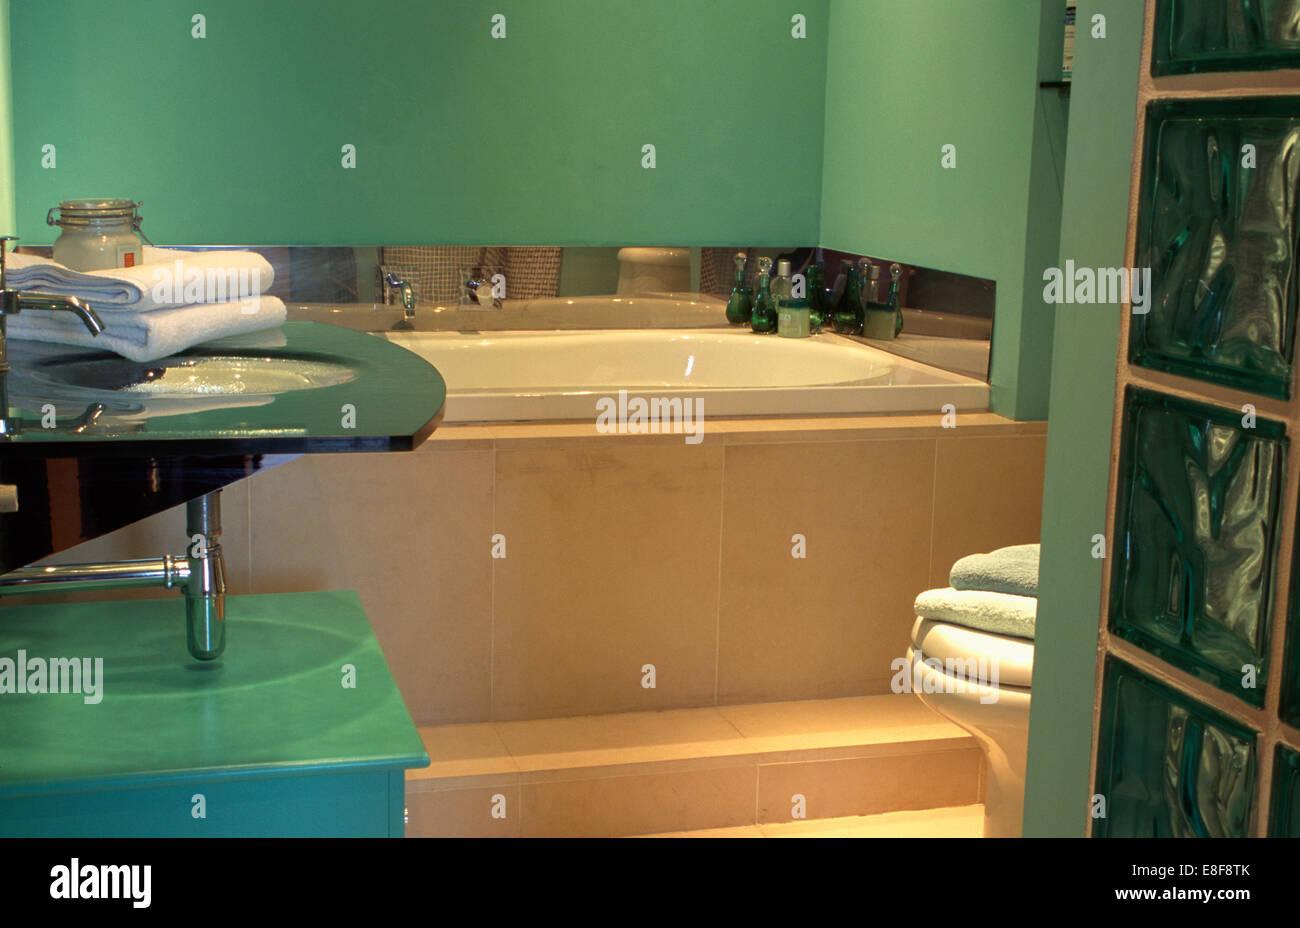 Asciugamani sul bacino di vetro nel verde moderno bagno con